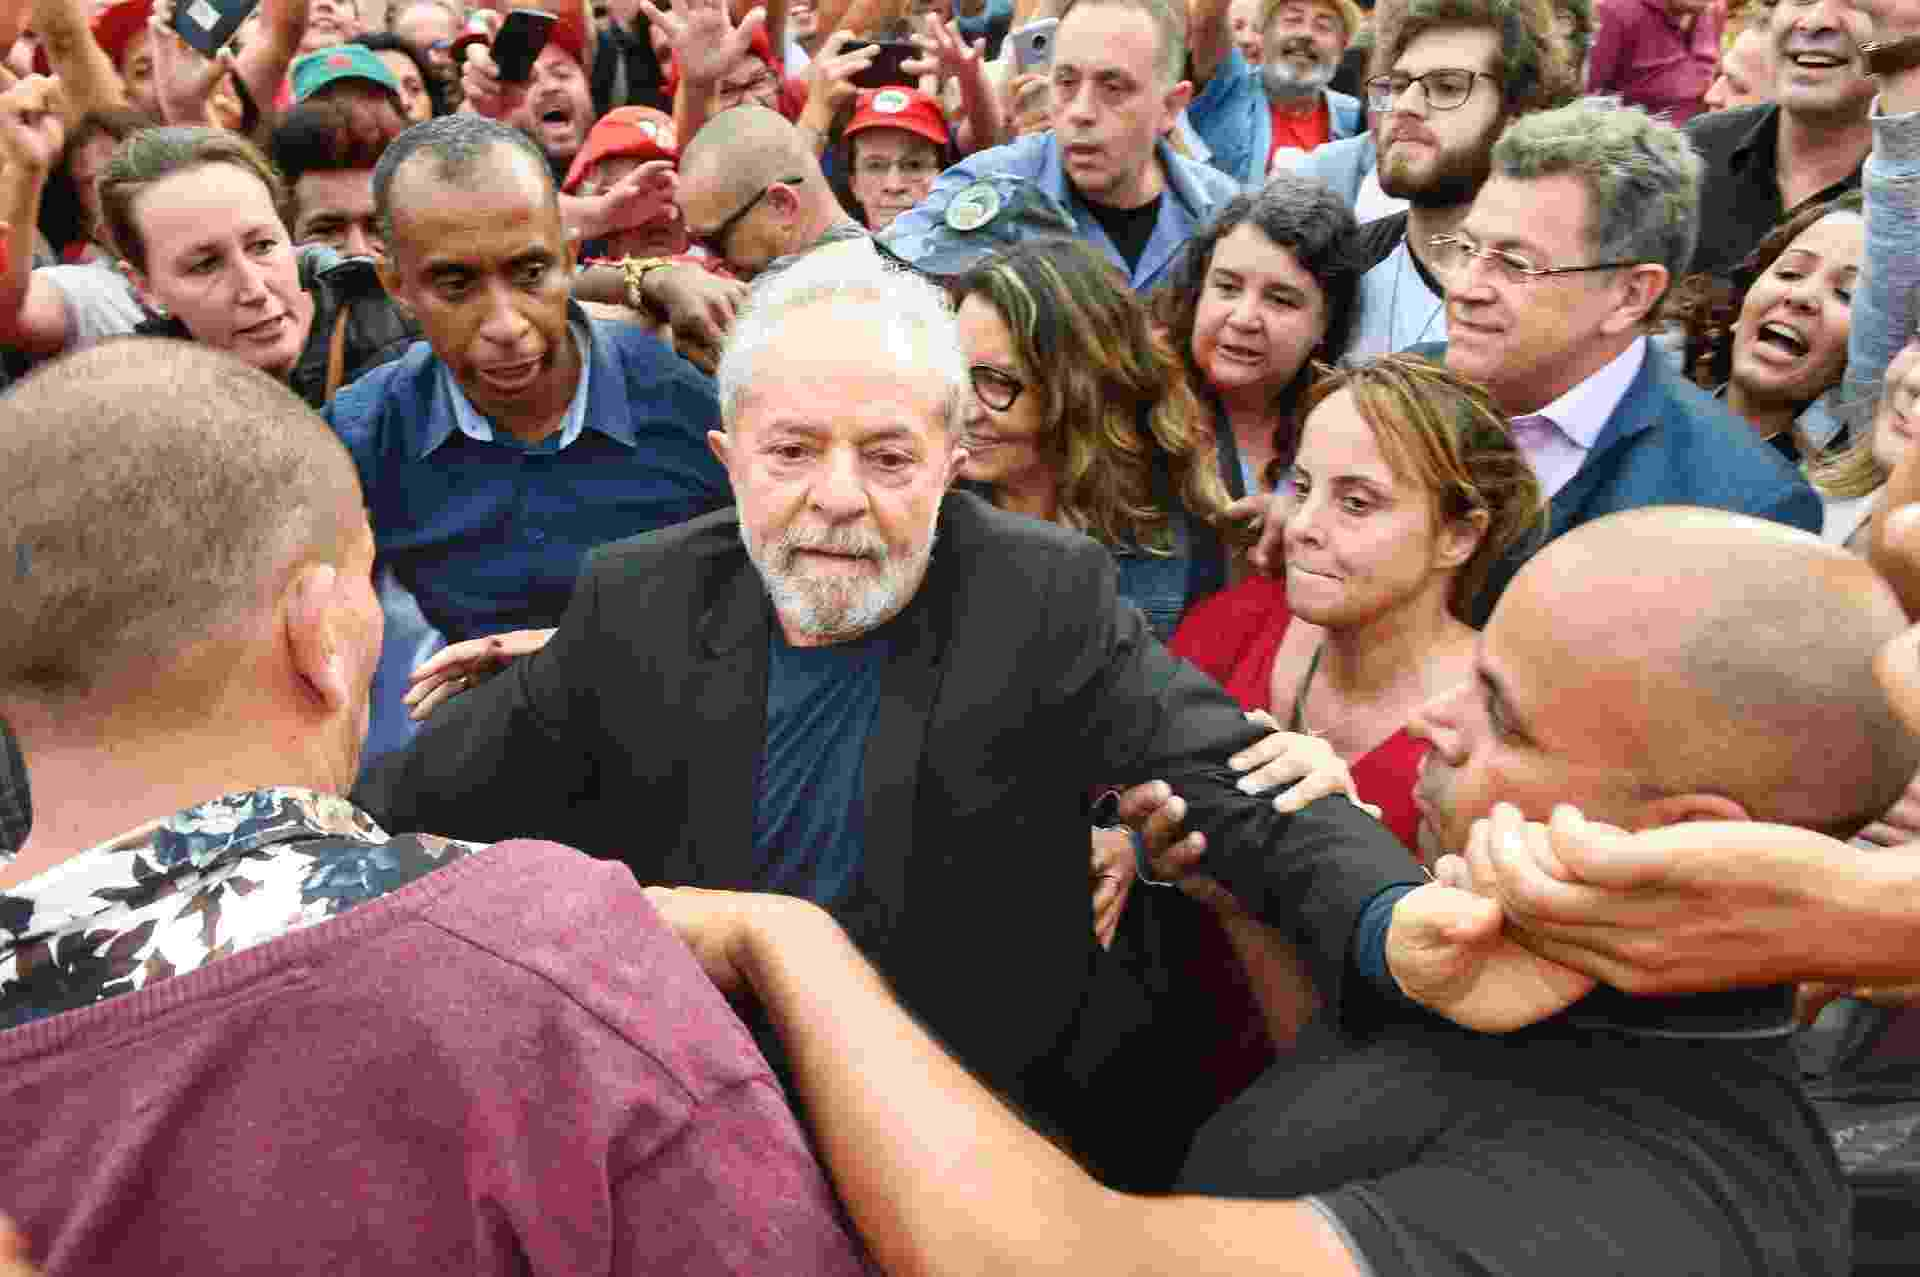 O ex-presidente Lula é cercado por apoiadores ao deixar a prisão em Curitiba - DENIS FERREIRA NETTO/ESTADÃO CONTEÚDO